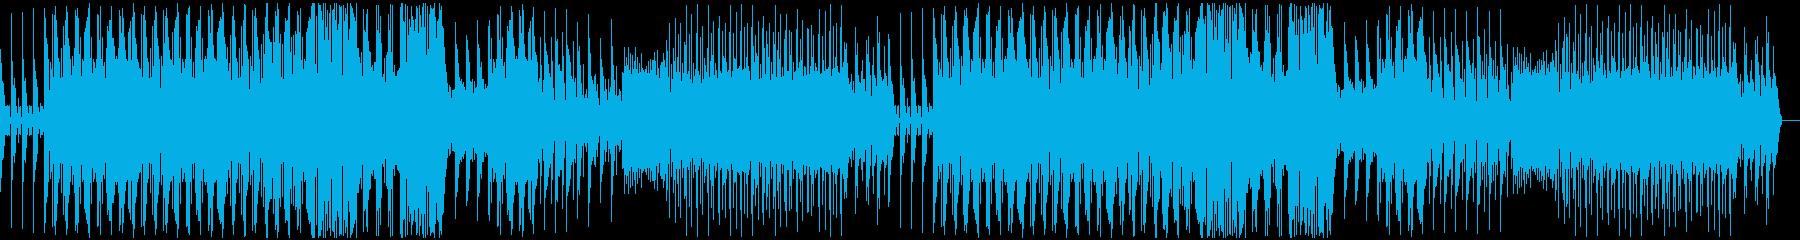 オリエンタル風なエレクトロサウンドの再生済みの波形